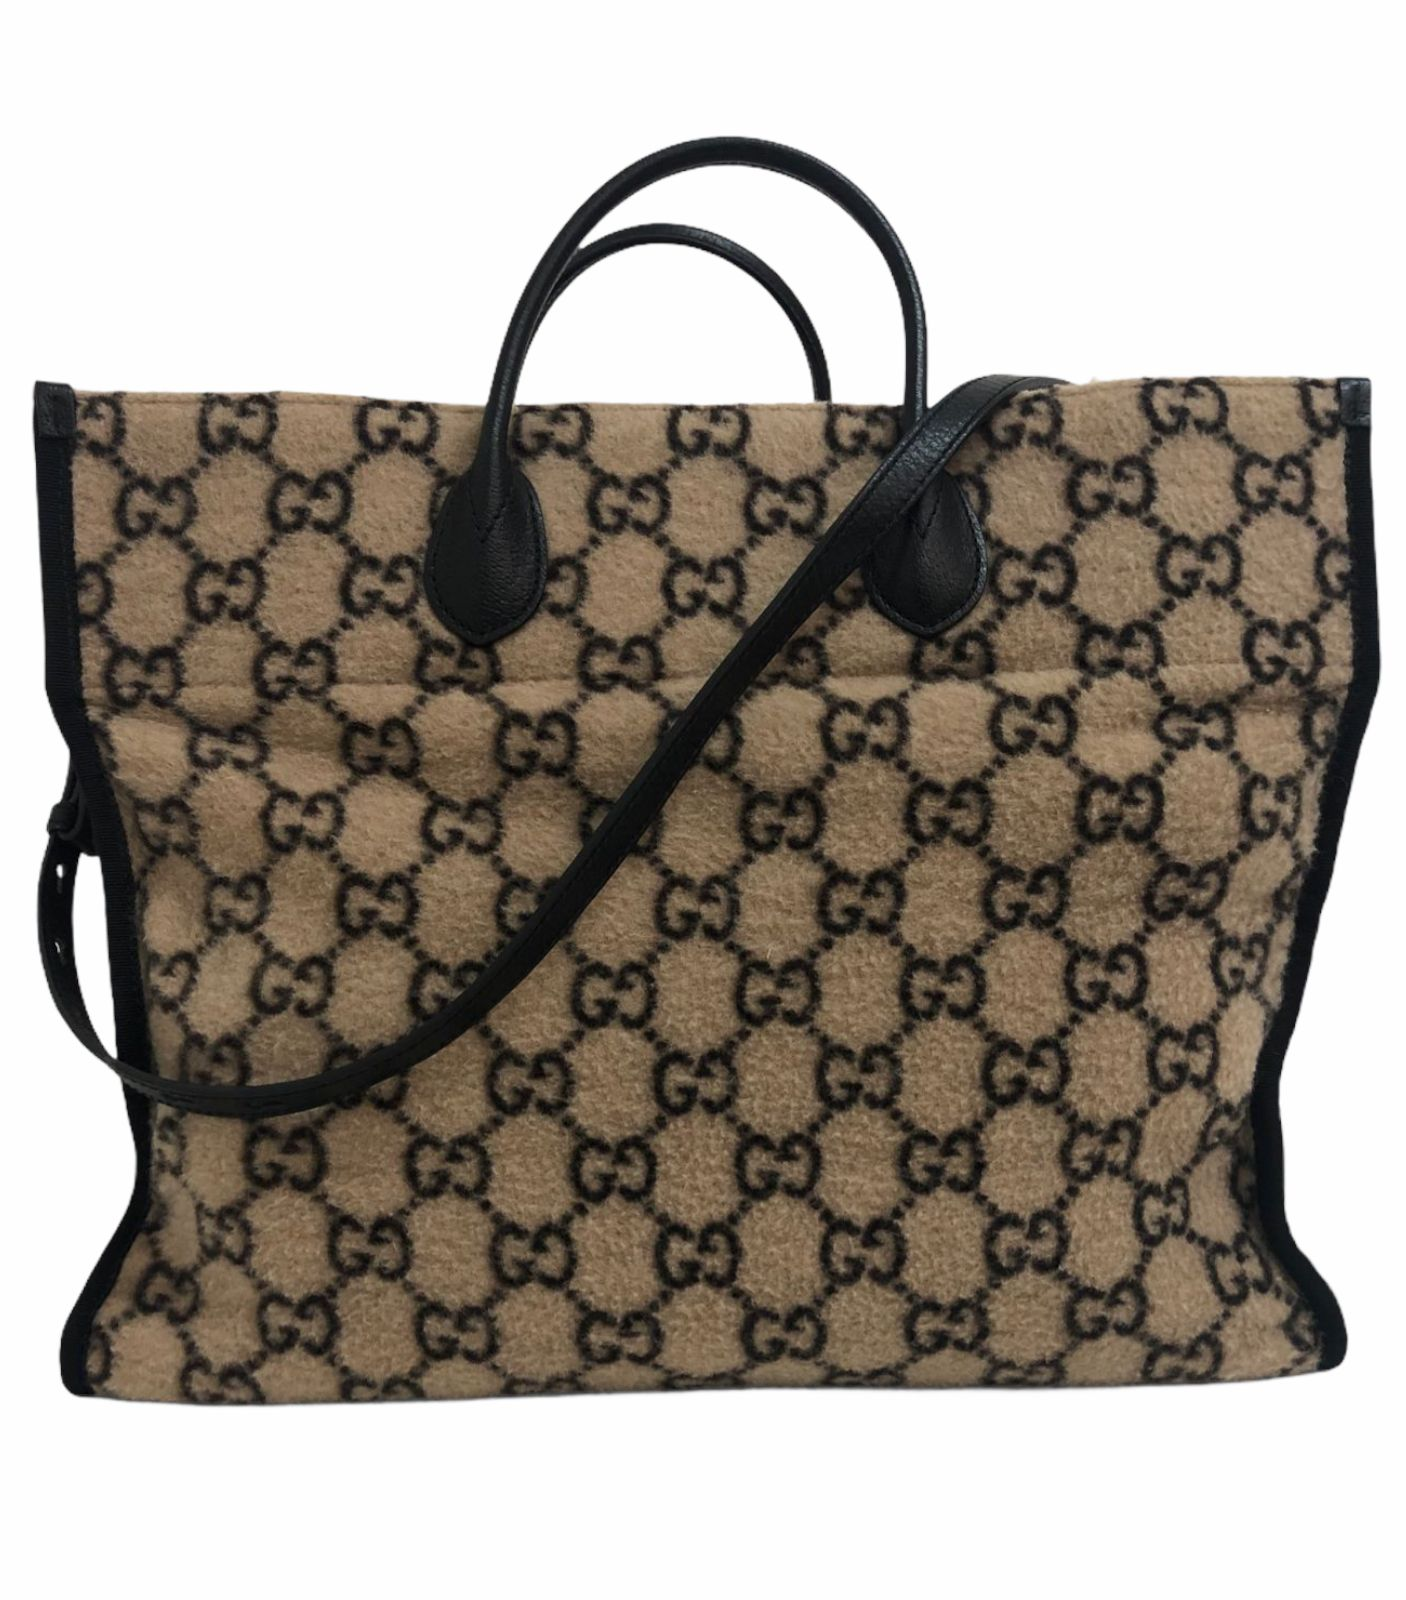 Bolsa Gucci Shopping GG Wool Large